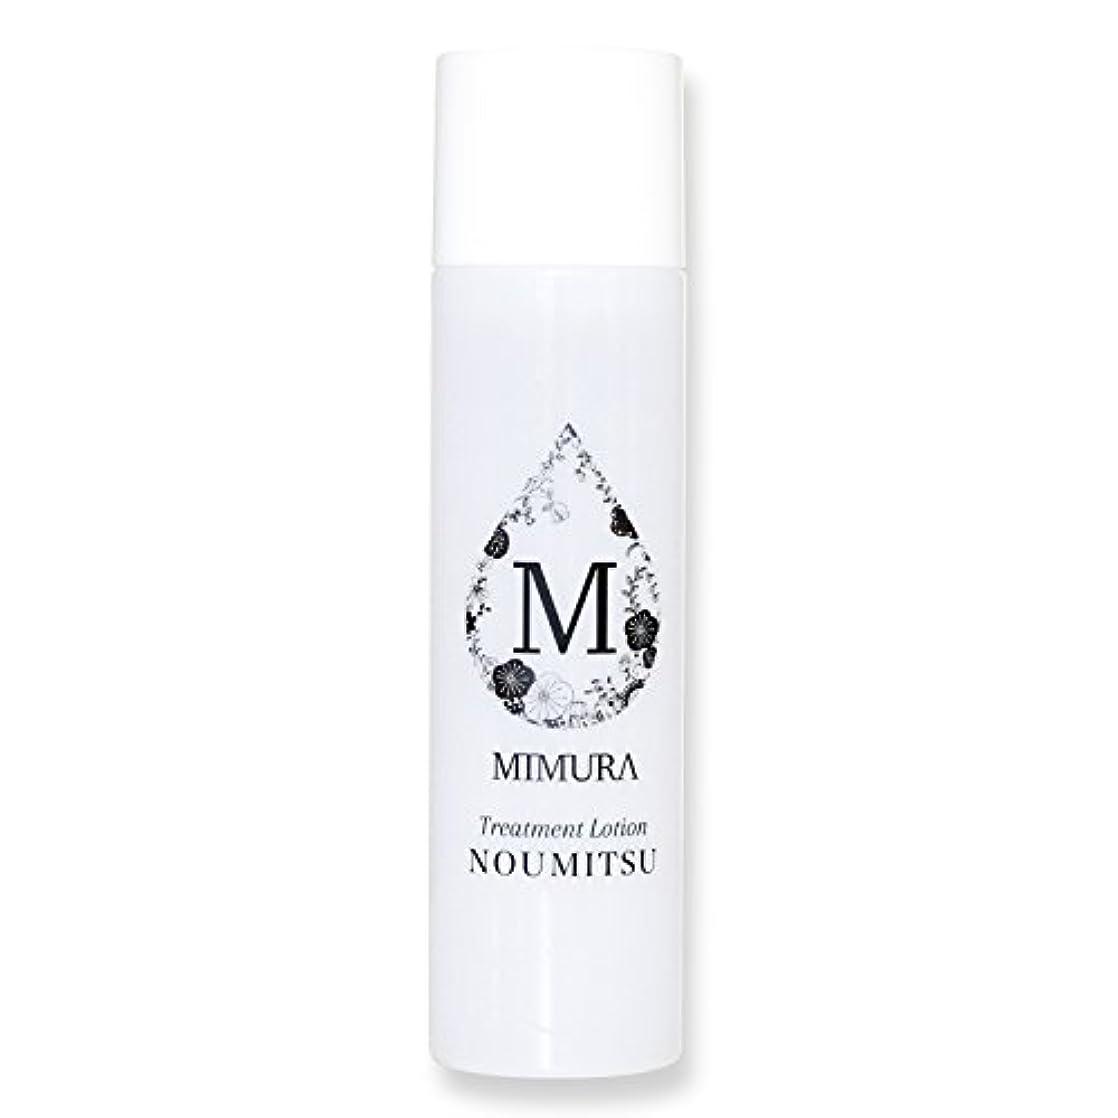 化粧水 乾燥肌 うるおい 送料無料 ミムラ トリートメントローション NOUMITSU MIMURA 日本製